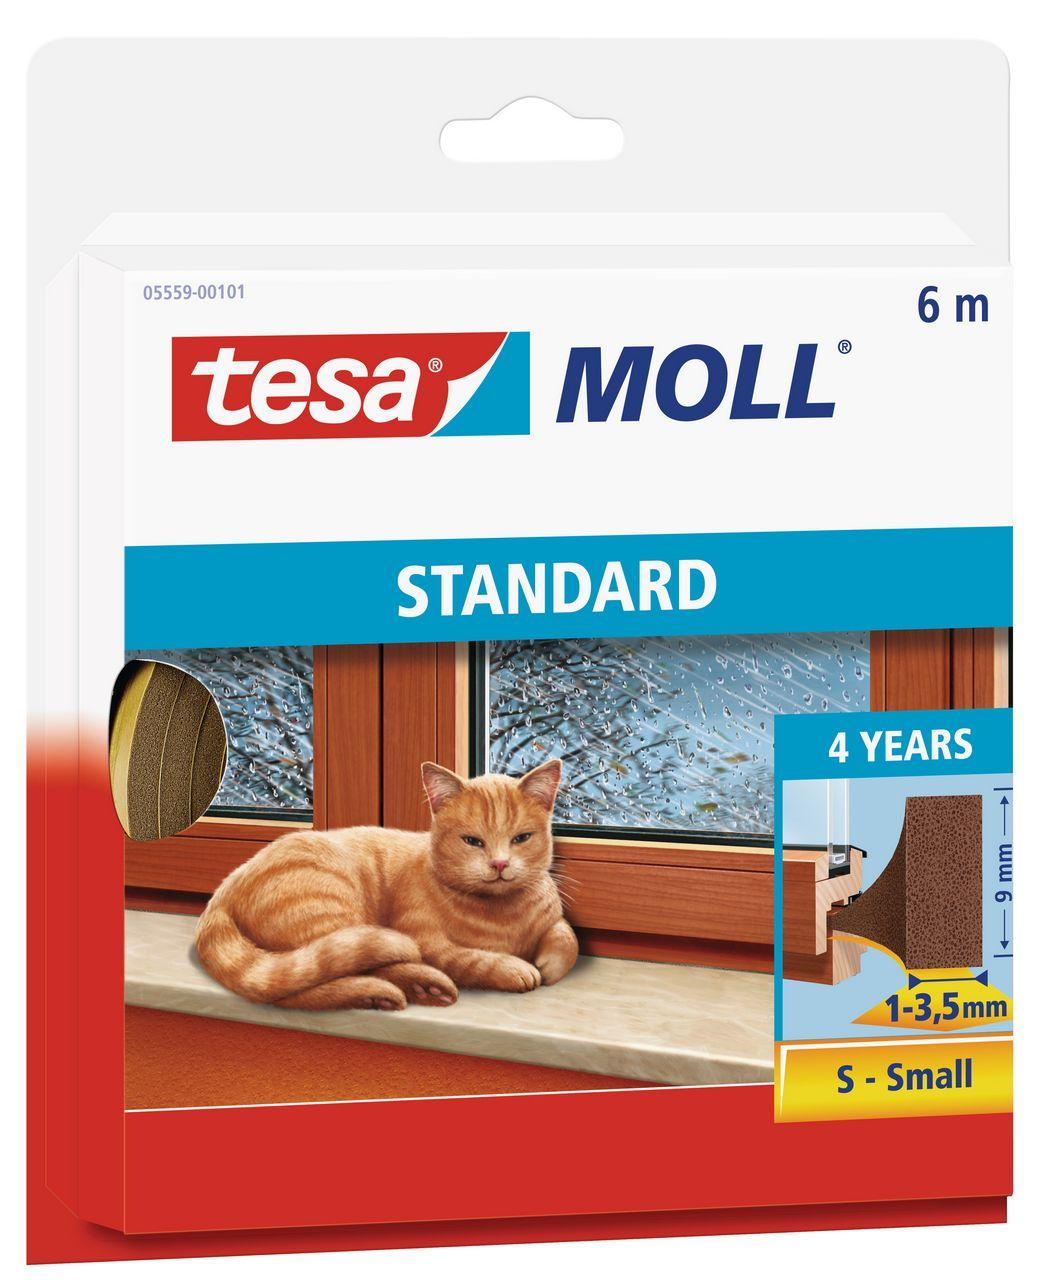 Tesamoll standard i profil 6 m braun f r spalten 1 3 5 mm for Hagebaumarkt pool prospekt